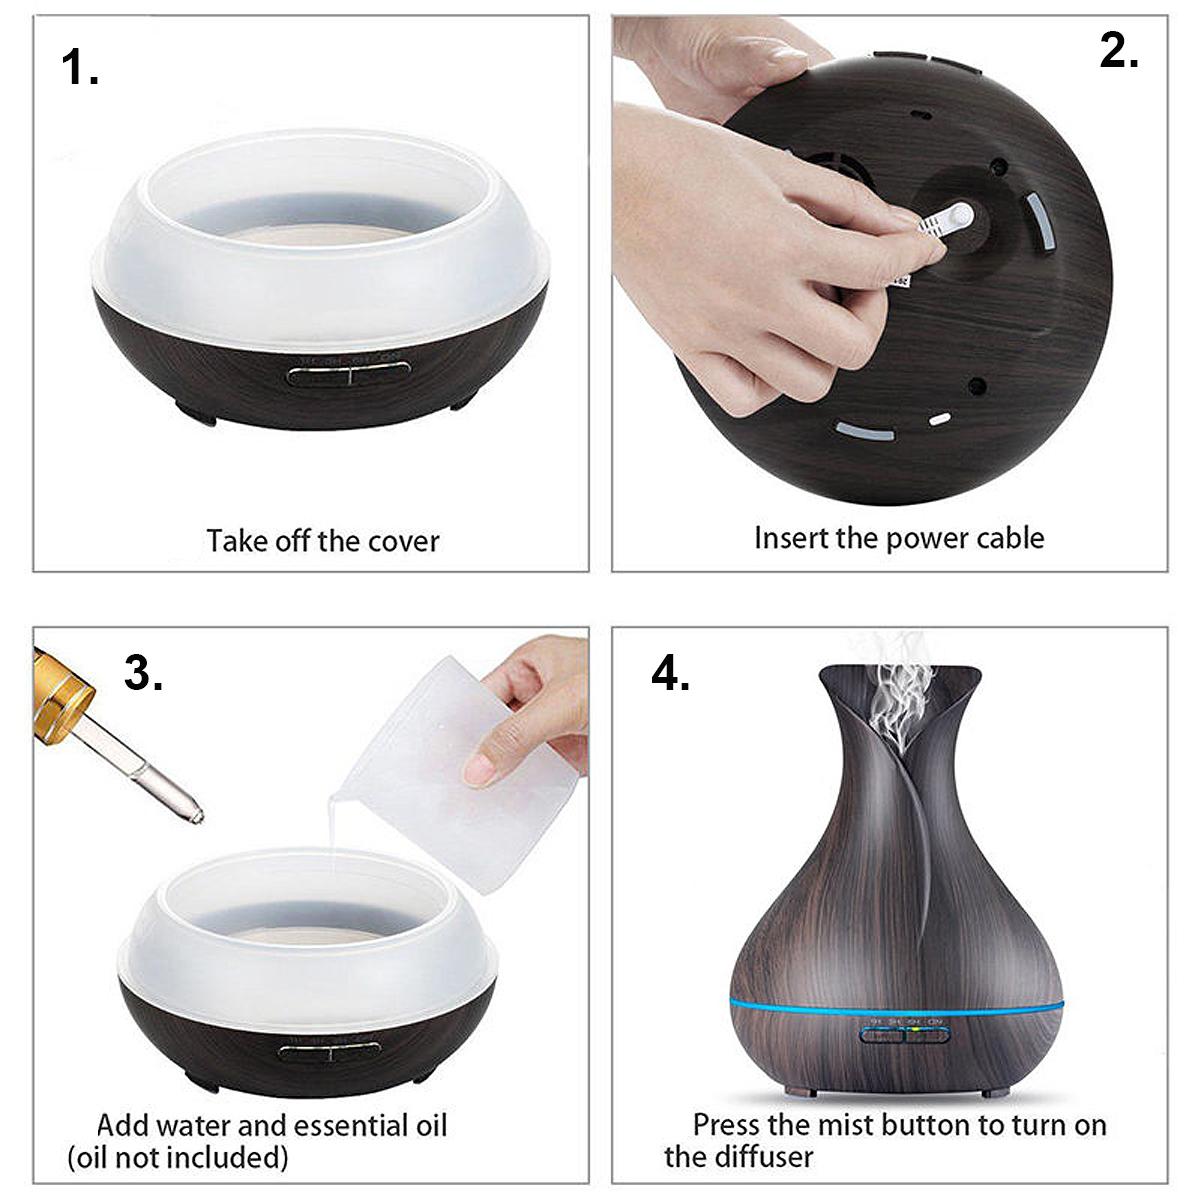 Как правильно использовать увлажнитель воздуха с функцией ароматизации